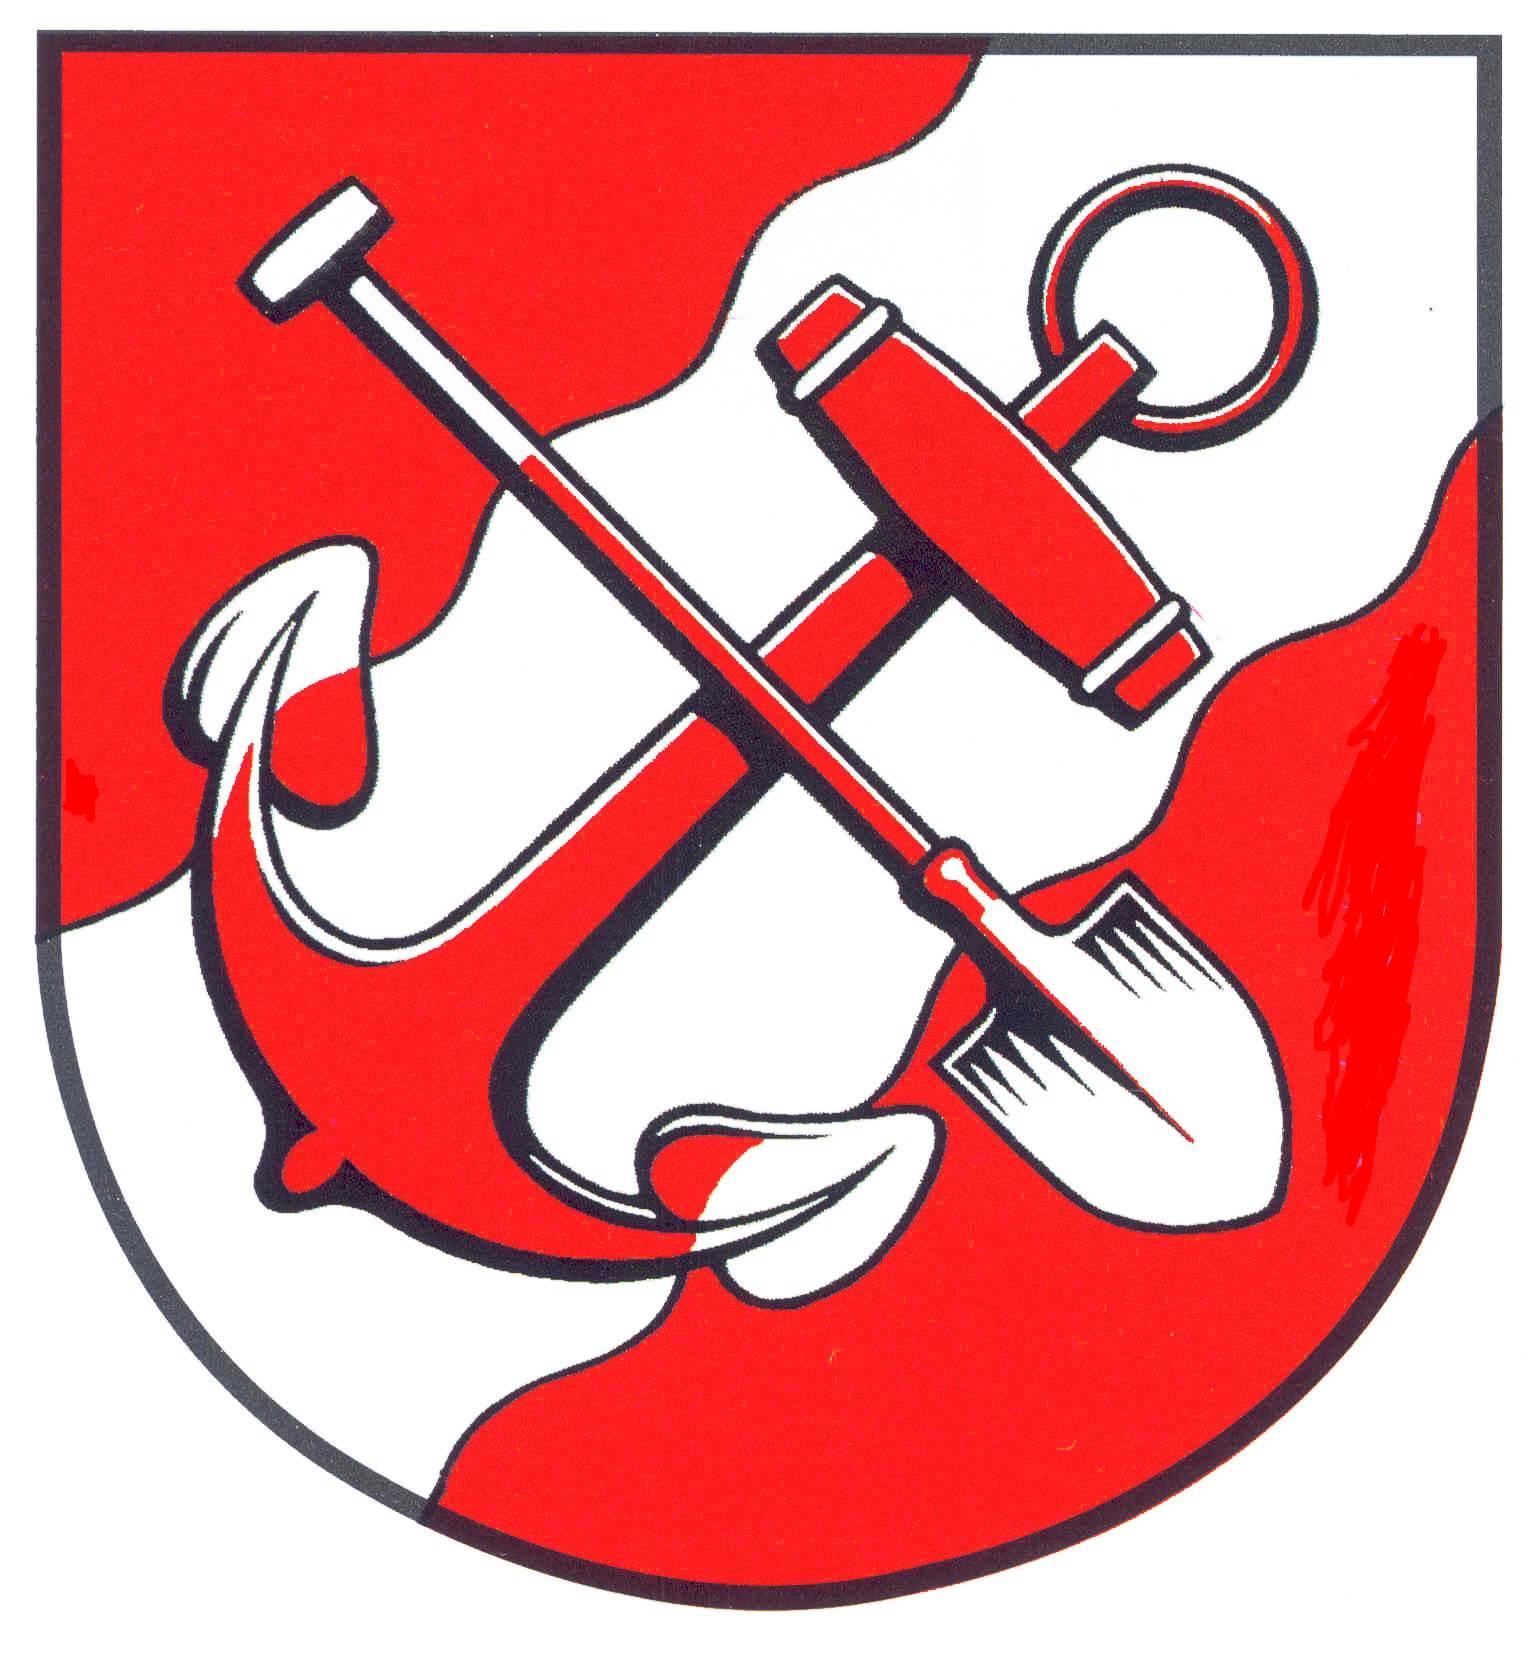 Wappen StadtBrunsbüttel, Kreis Dithmarschen